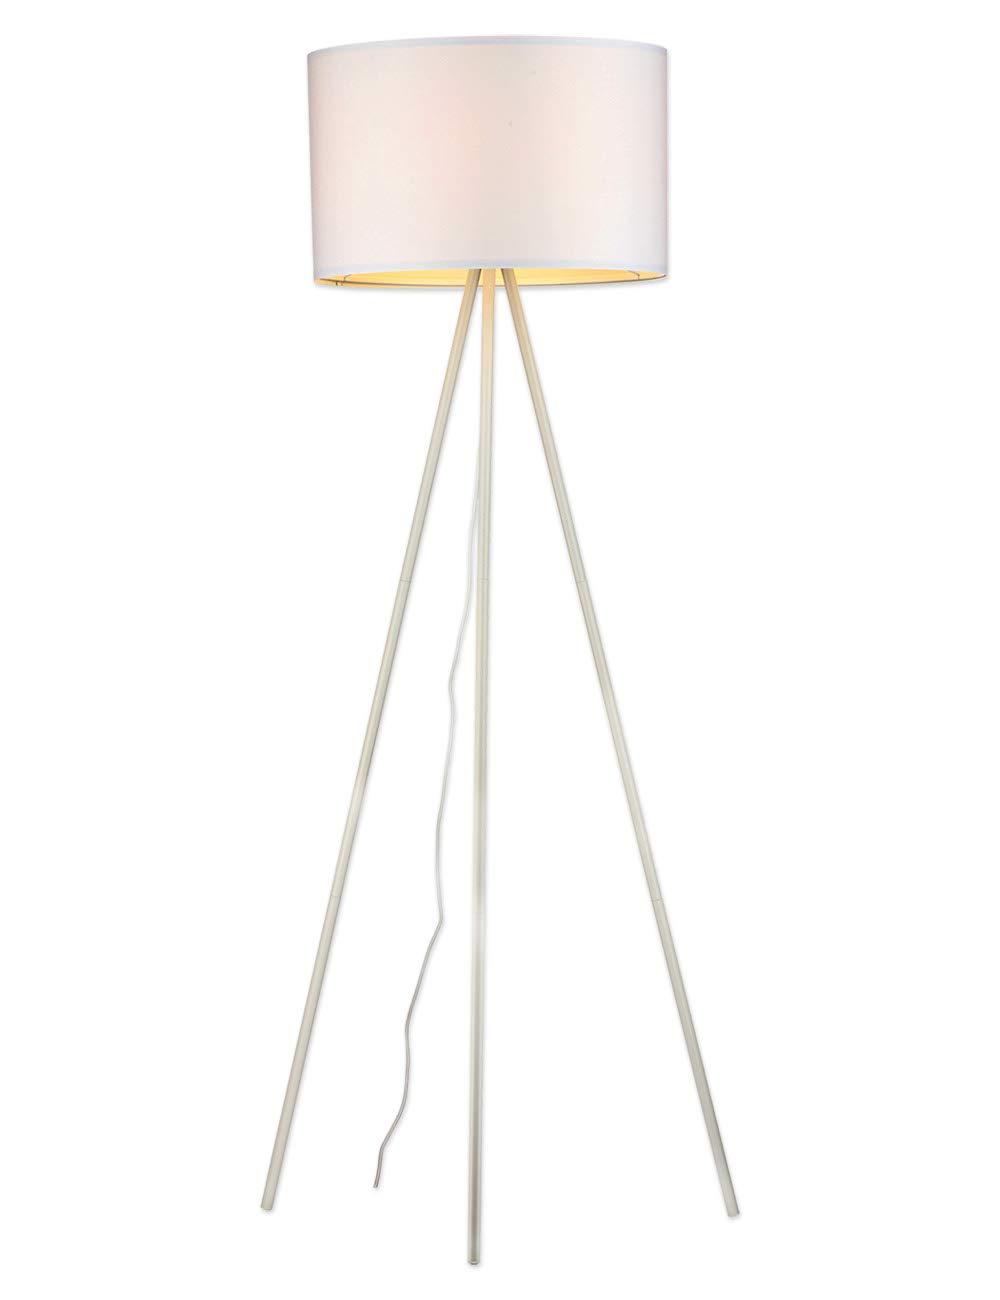 Full Size of Tomons Stehlampe Stativ Aus Holz Fr Das Wohnzimmer Bilder Fürs Deckenleuchten Hängeschrank Wandbild Pendelleuchte Wandbilder Modern Rollo Teppich Moderne Wohnzimmer Moderne Stehlampe Wohnzimmer